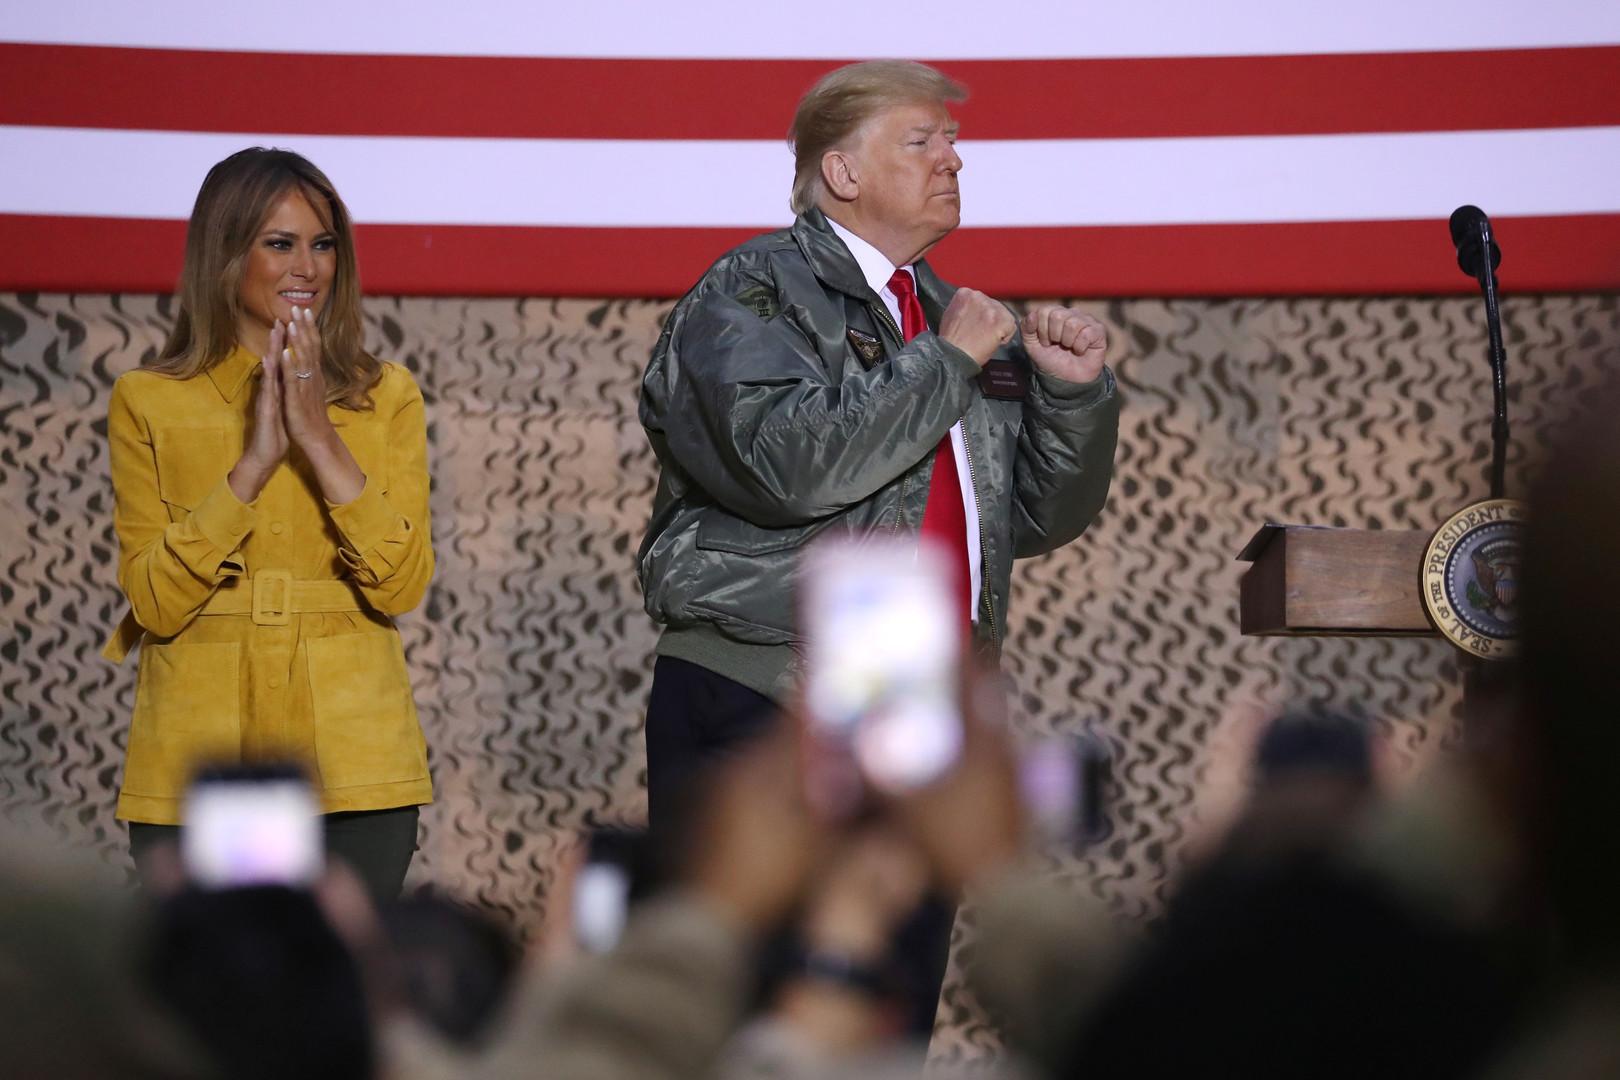 زيارة مفاجئة لترامب وزوجته للقوات الأمريكية في العراق